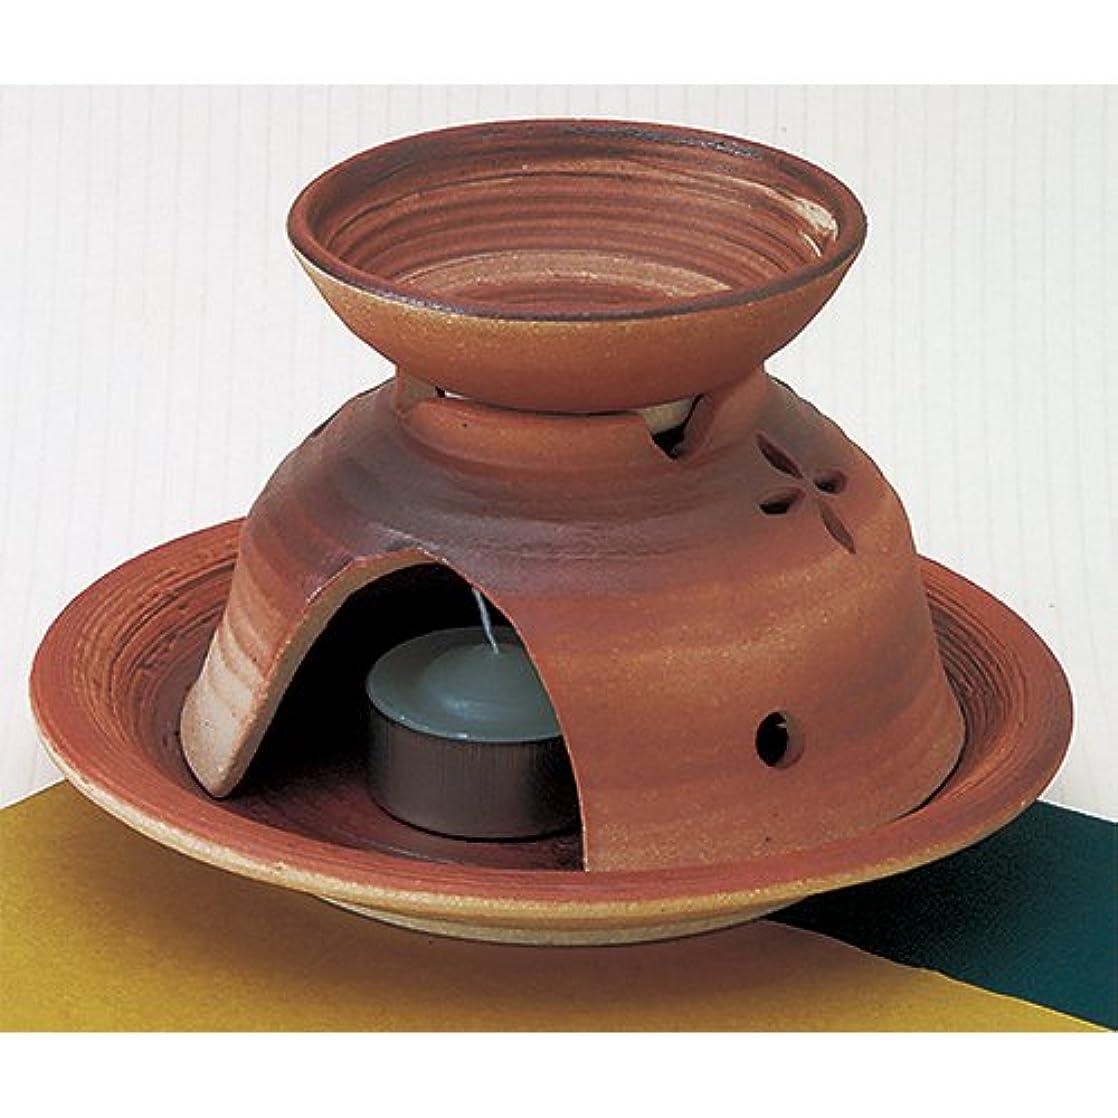 中傷ぎこちない致命的香炉 花抜き 茶香炉 [R15xH9.5cm] HANDMADE プレゼント ギフト 和食器 かわいい インテリア